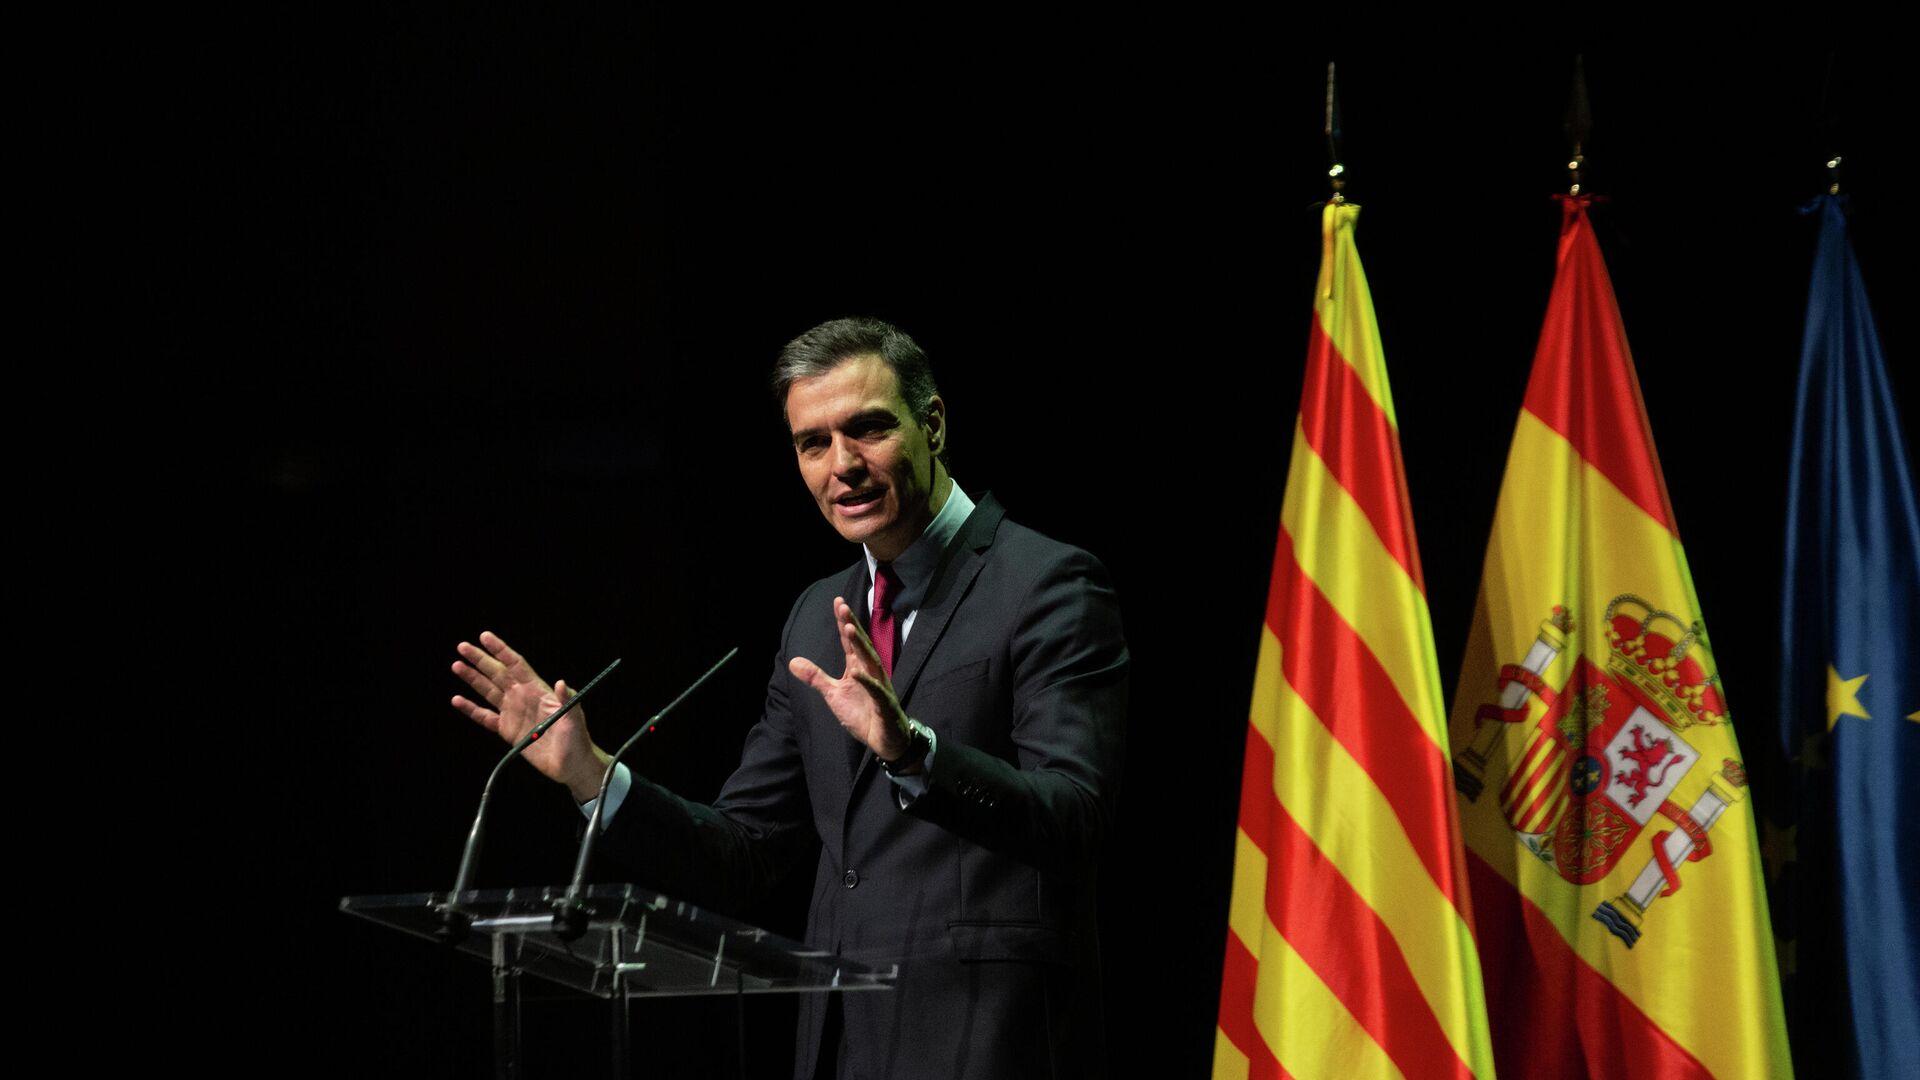 El presidente del Gobierno, Pedro Sánchez, durante la conferencia 'Reencuentro: un proyecto de futuro para toda España' - Sputnik Mundo, 1920, 22.06.2021